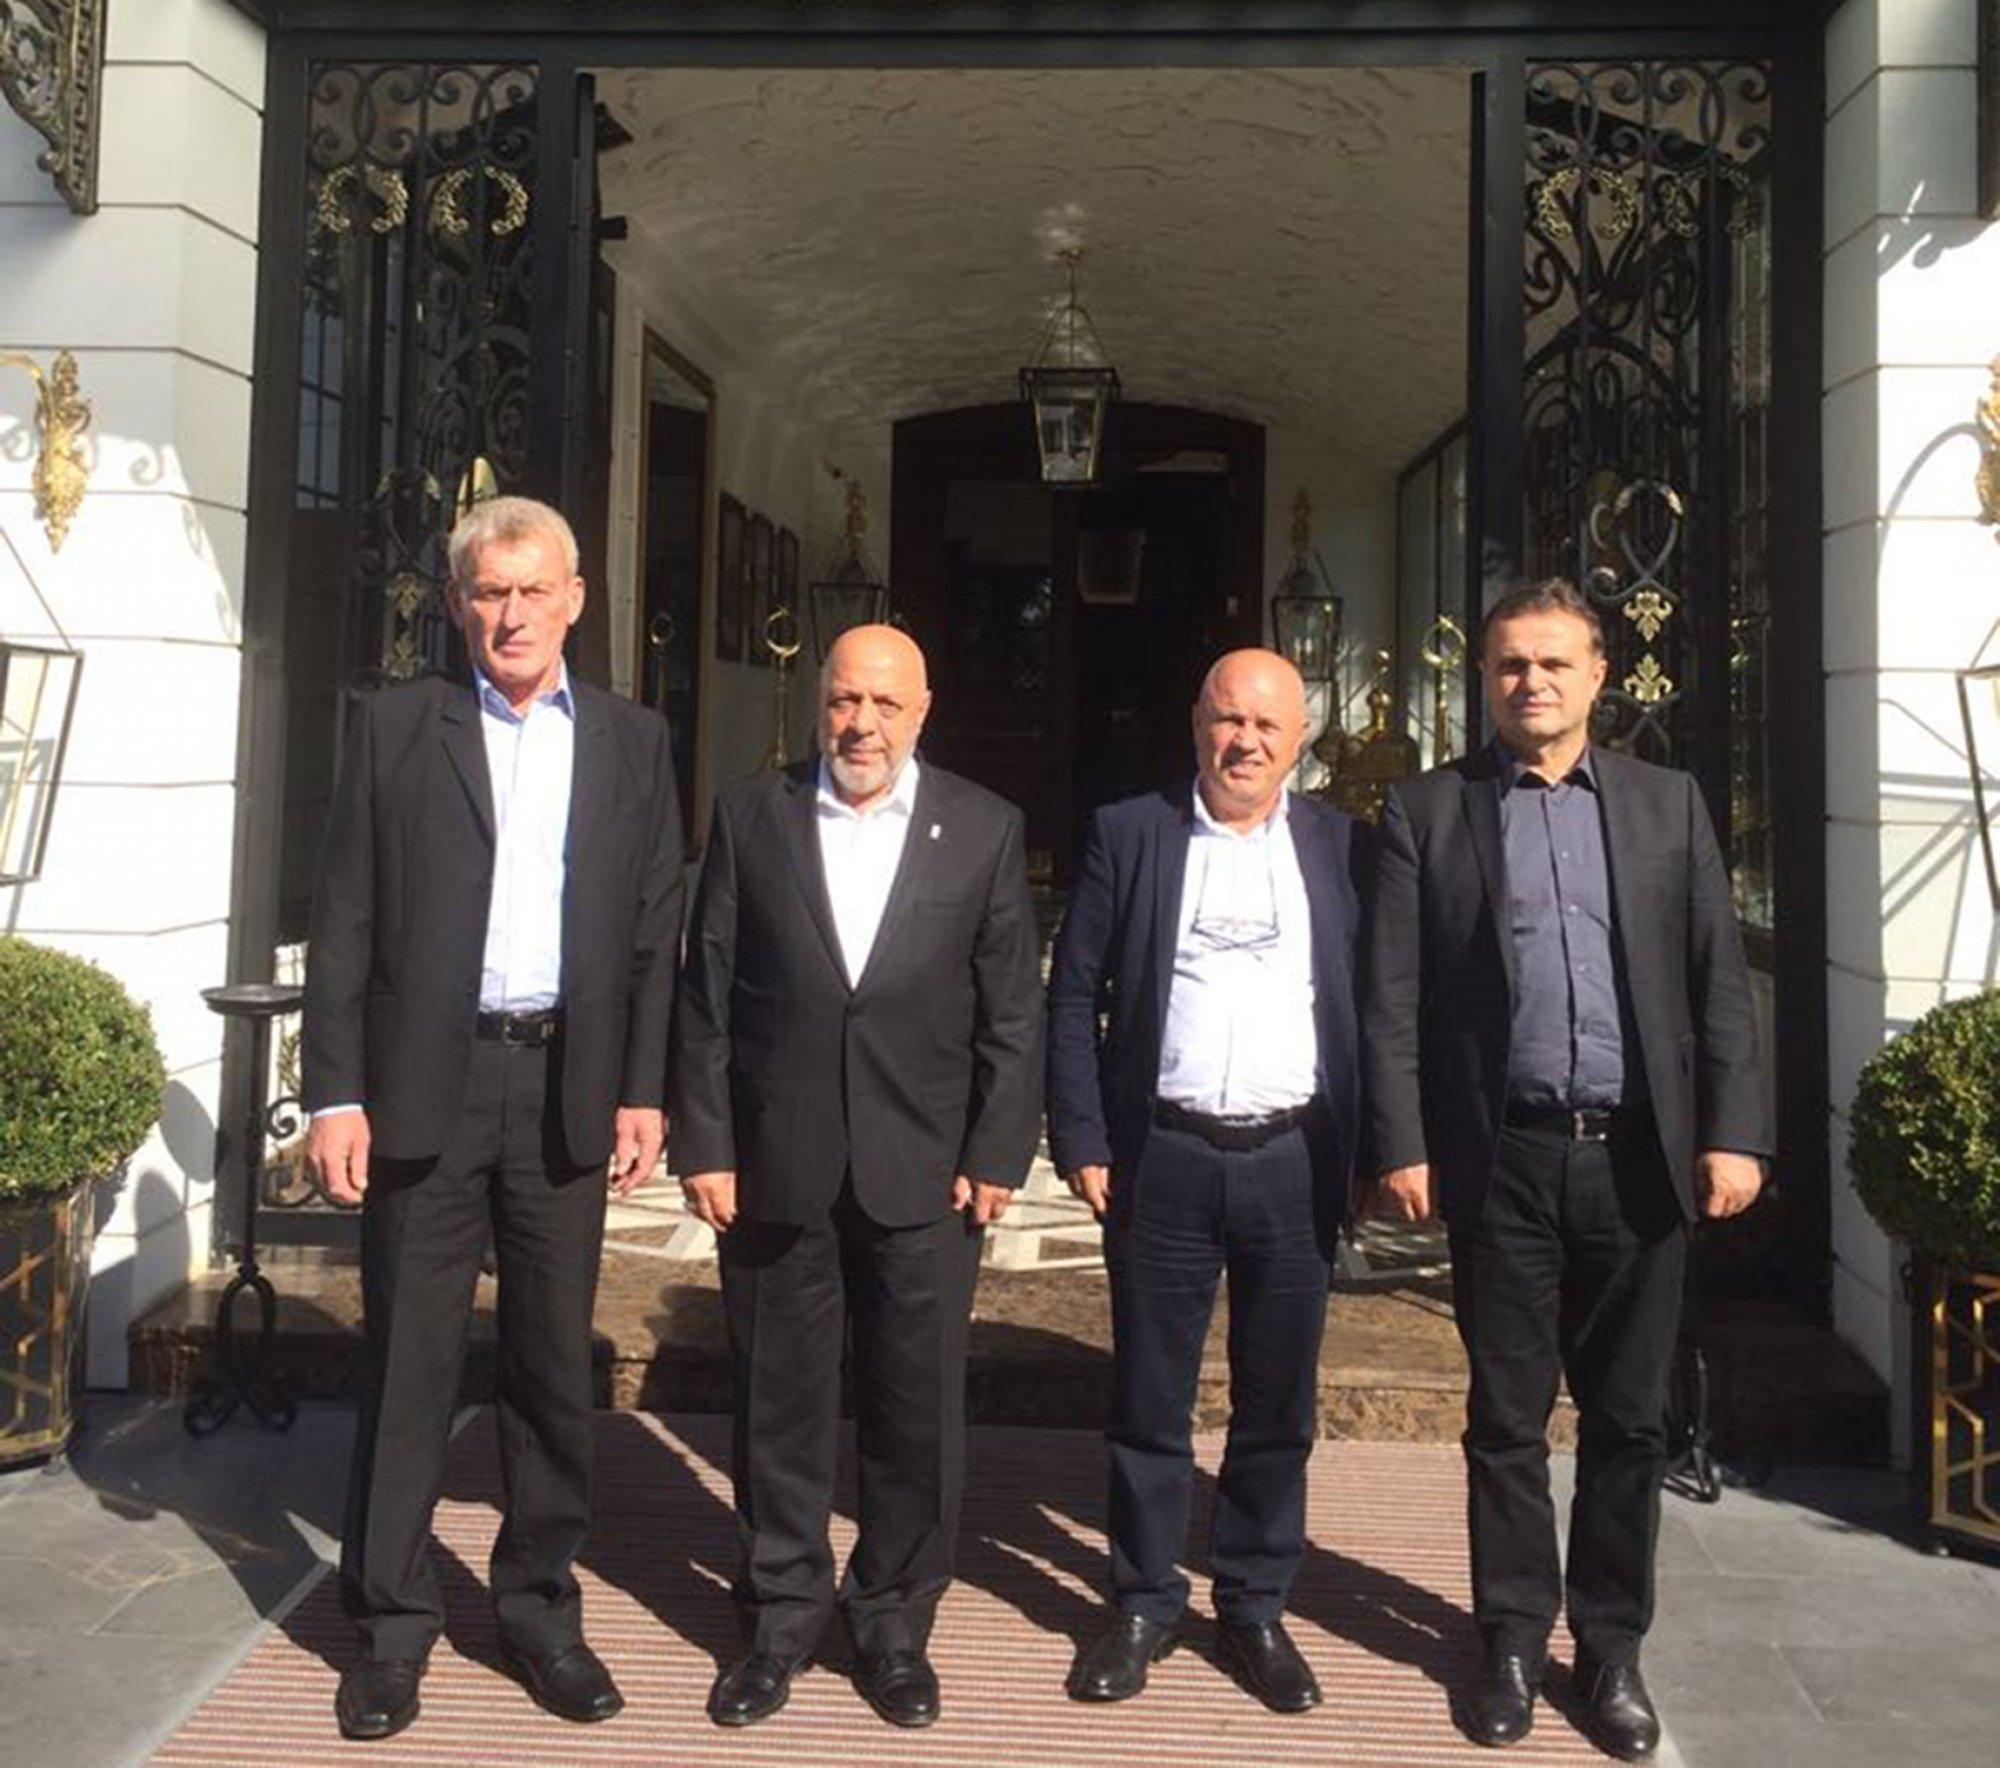 BULGARİSTAN'LI SENDİKACILARDAN ARSLAN'A NEZAKET ZİYARETİ